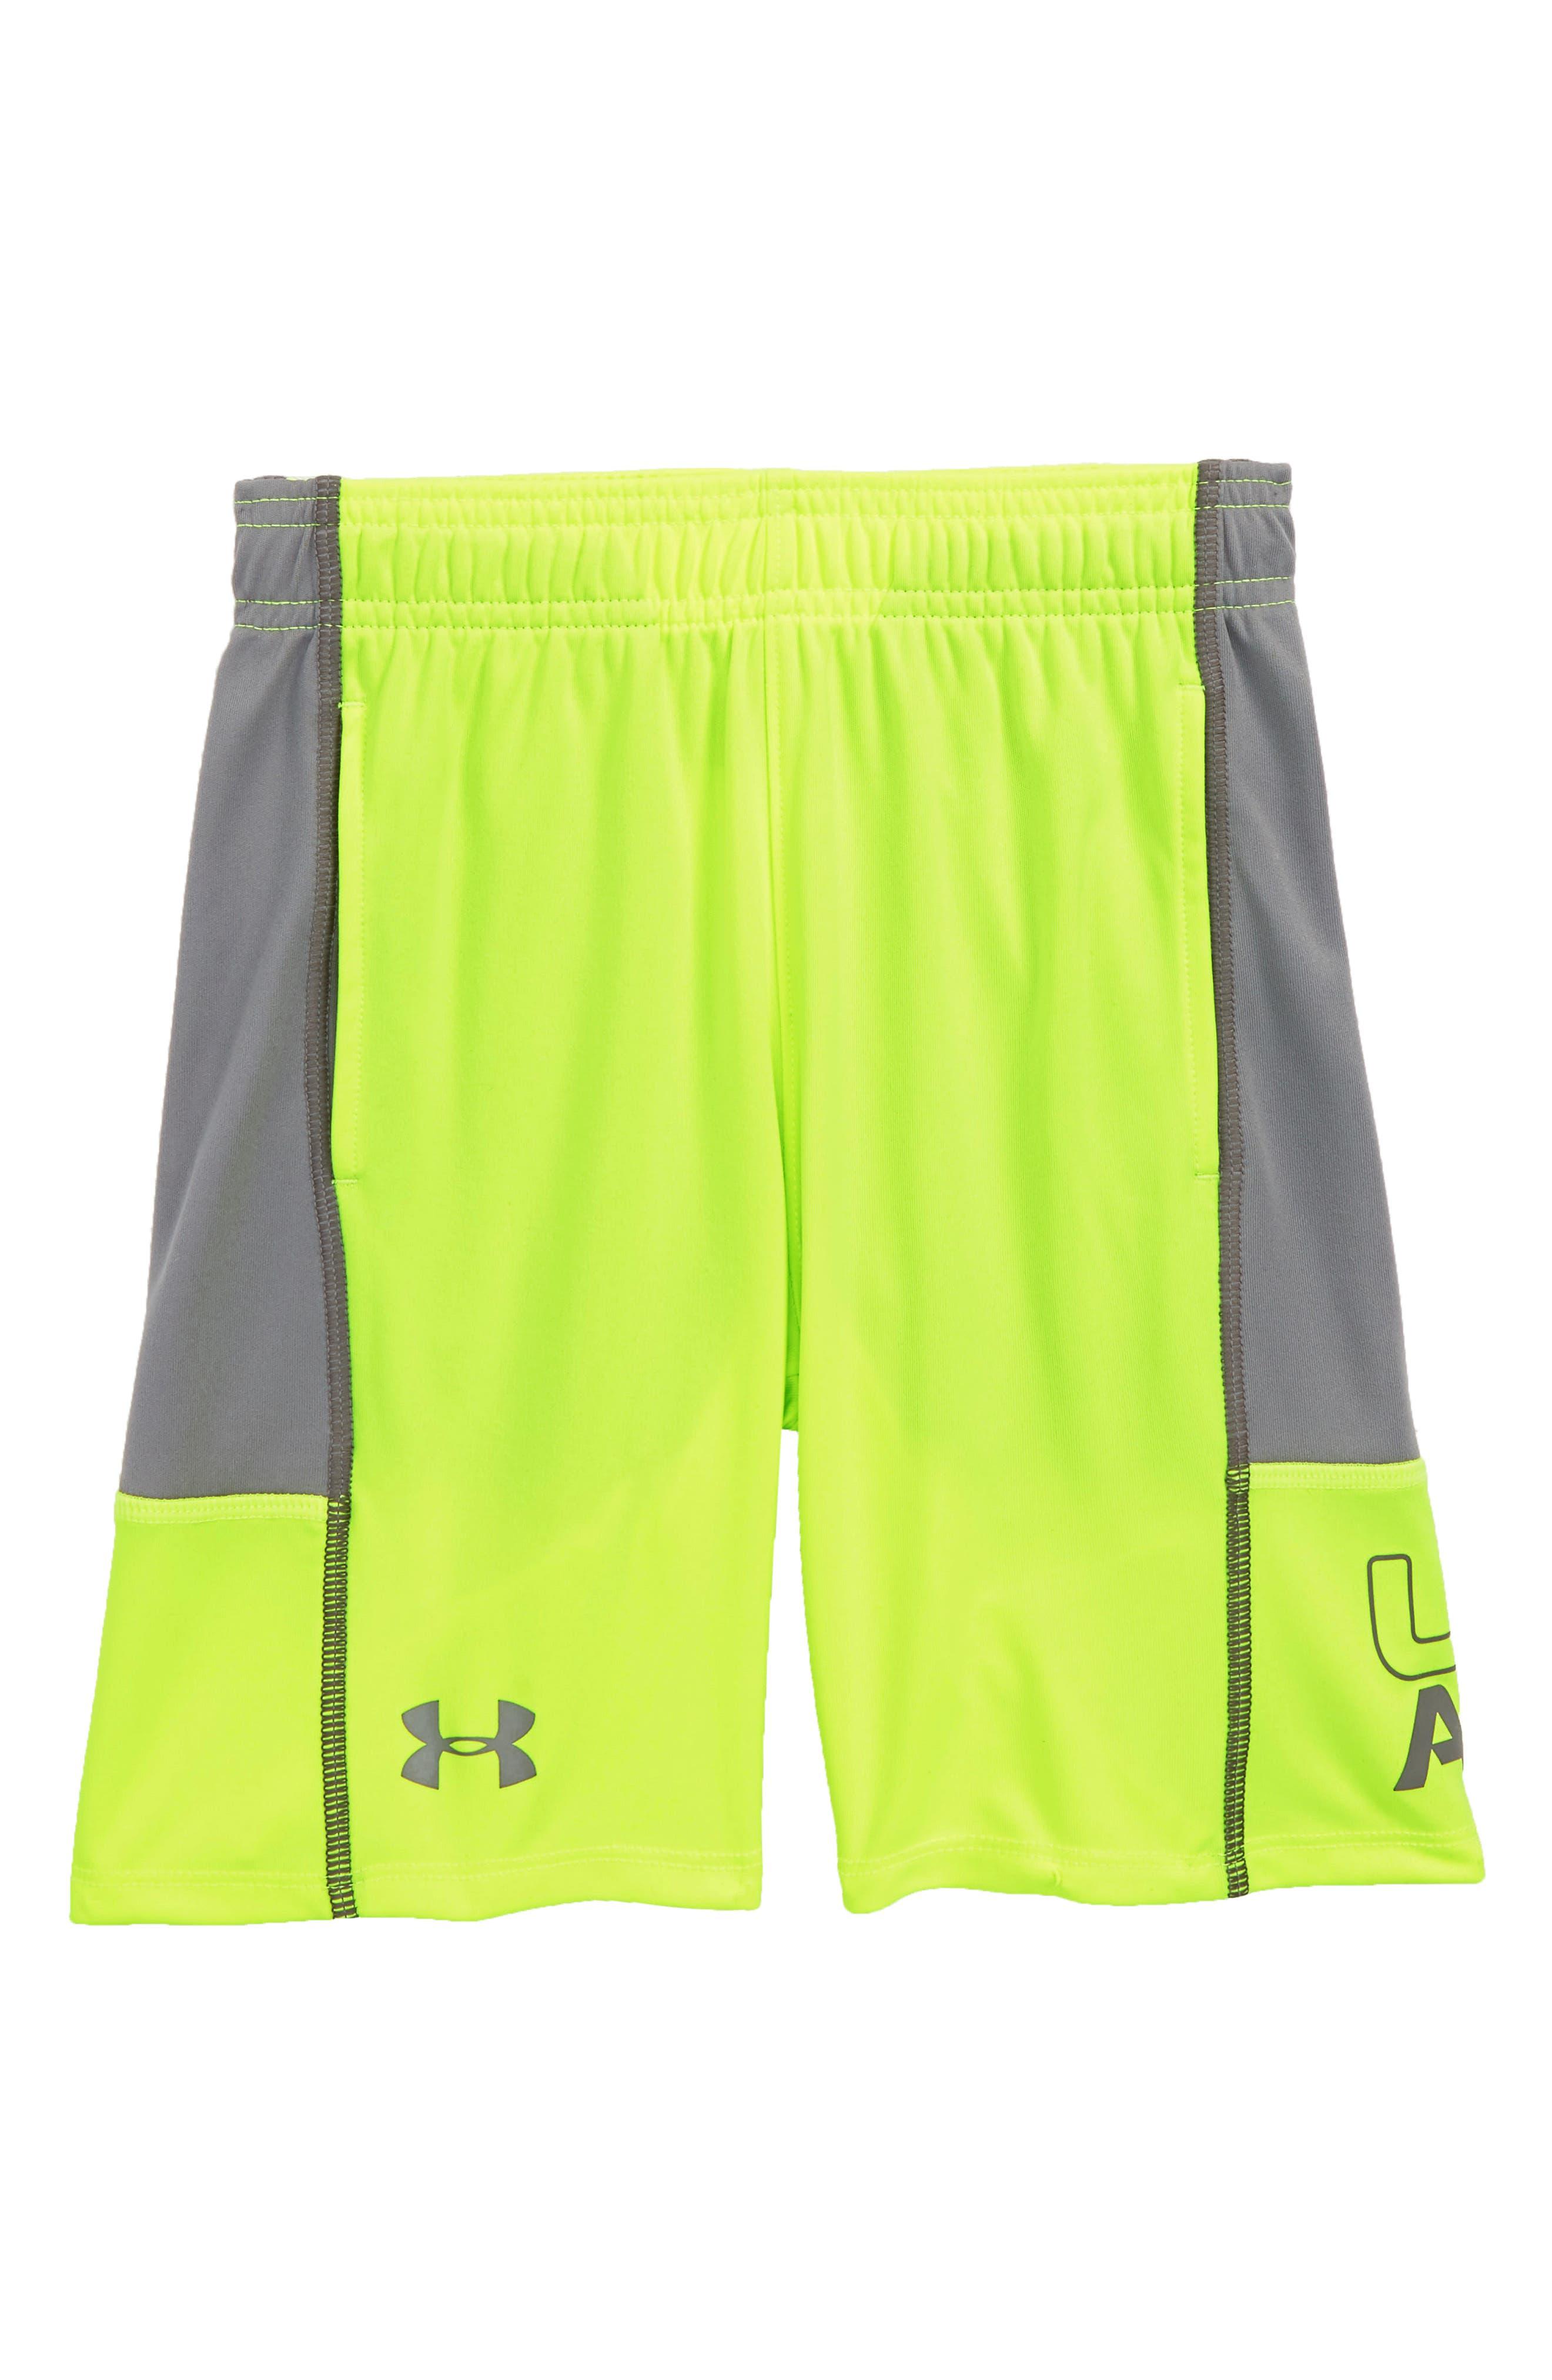 Stunt Shorts,                             Main thumbnail 1, color,                             Hi Vis Yellow Distinction